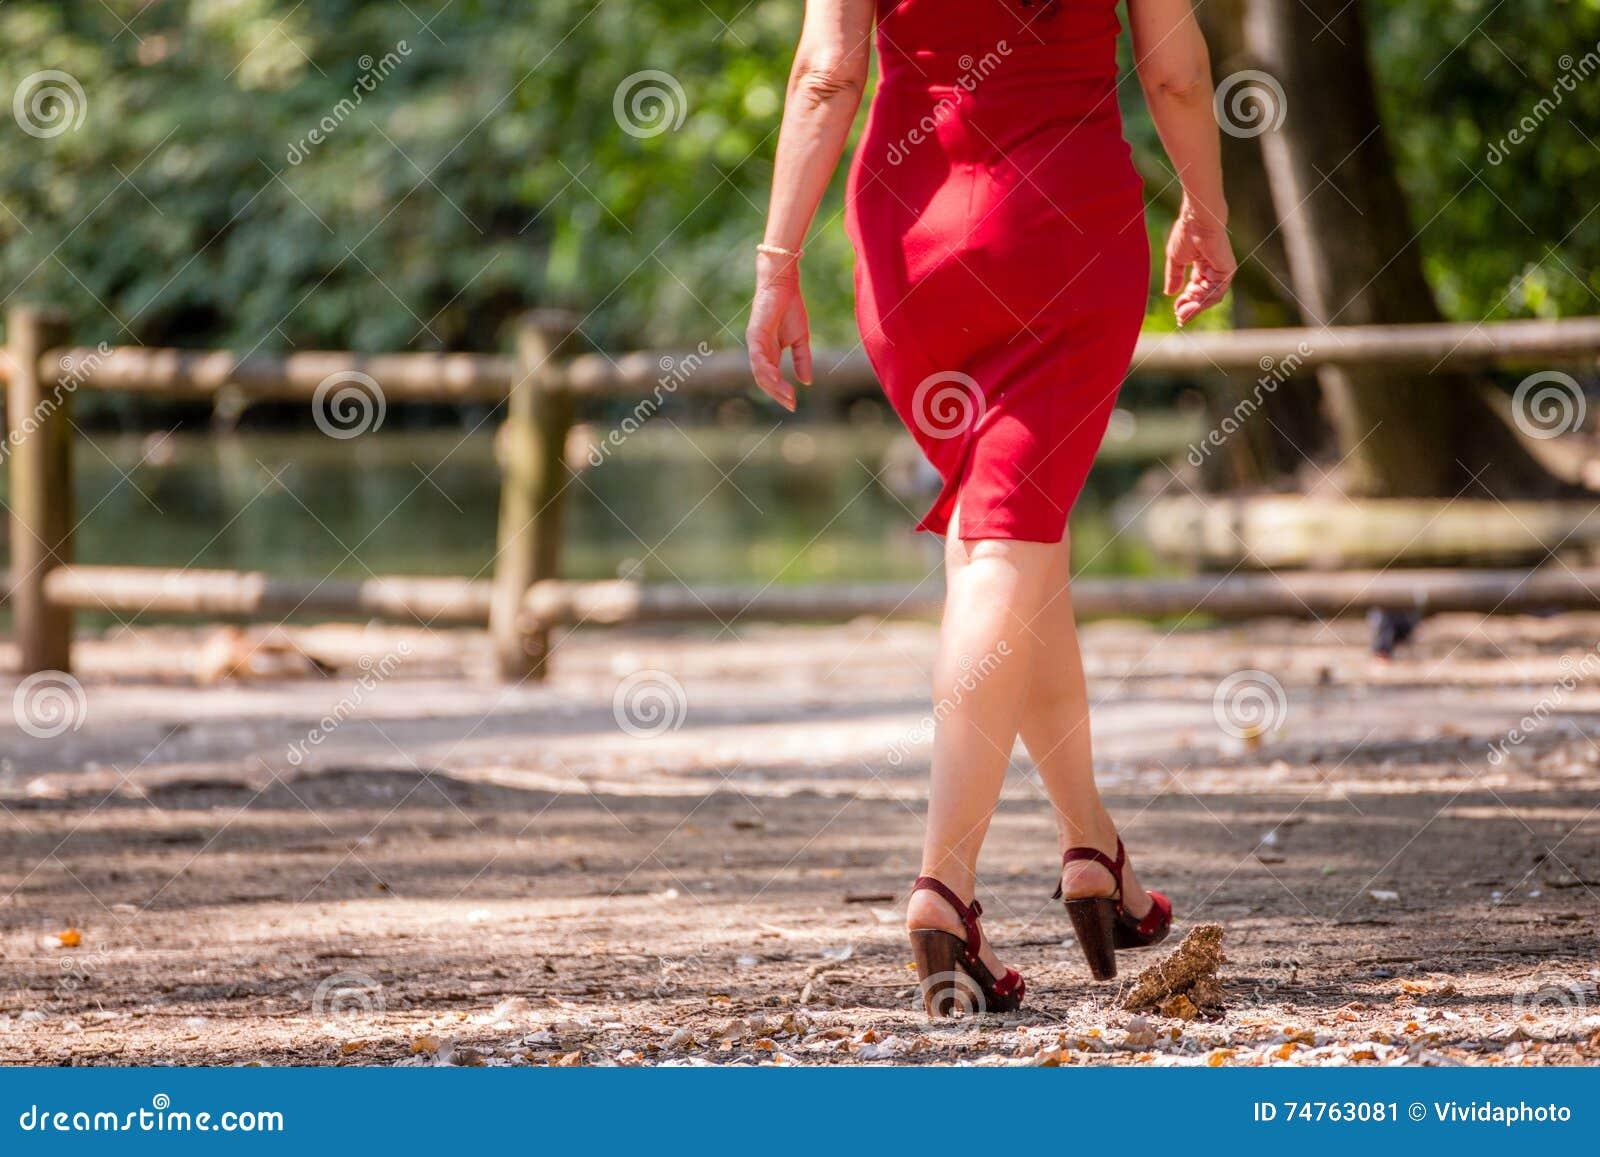 длиной и повернутые женские ноги